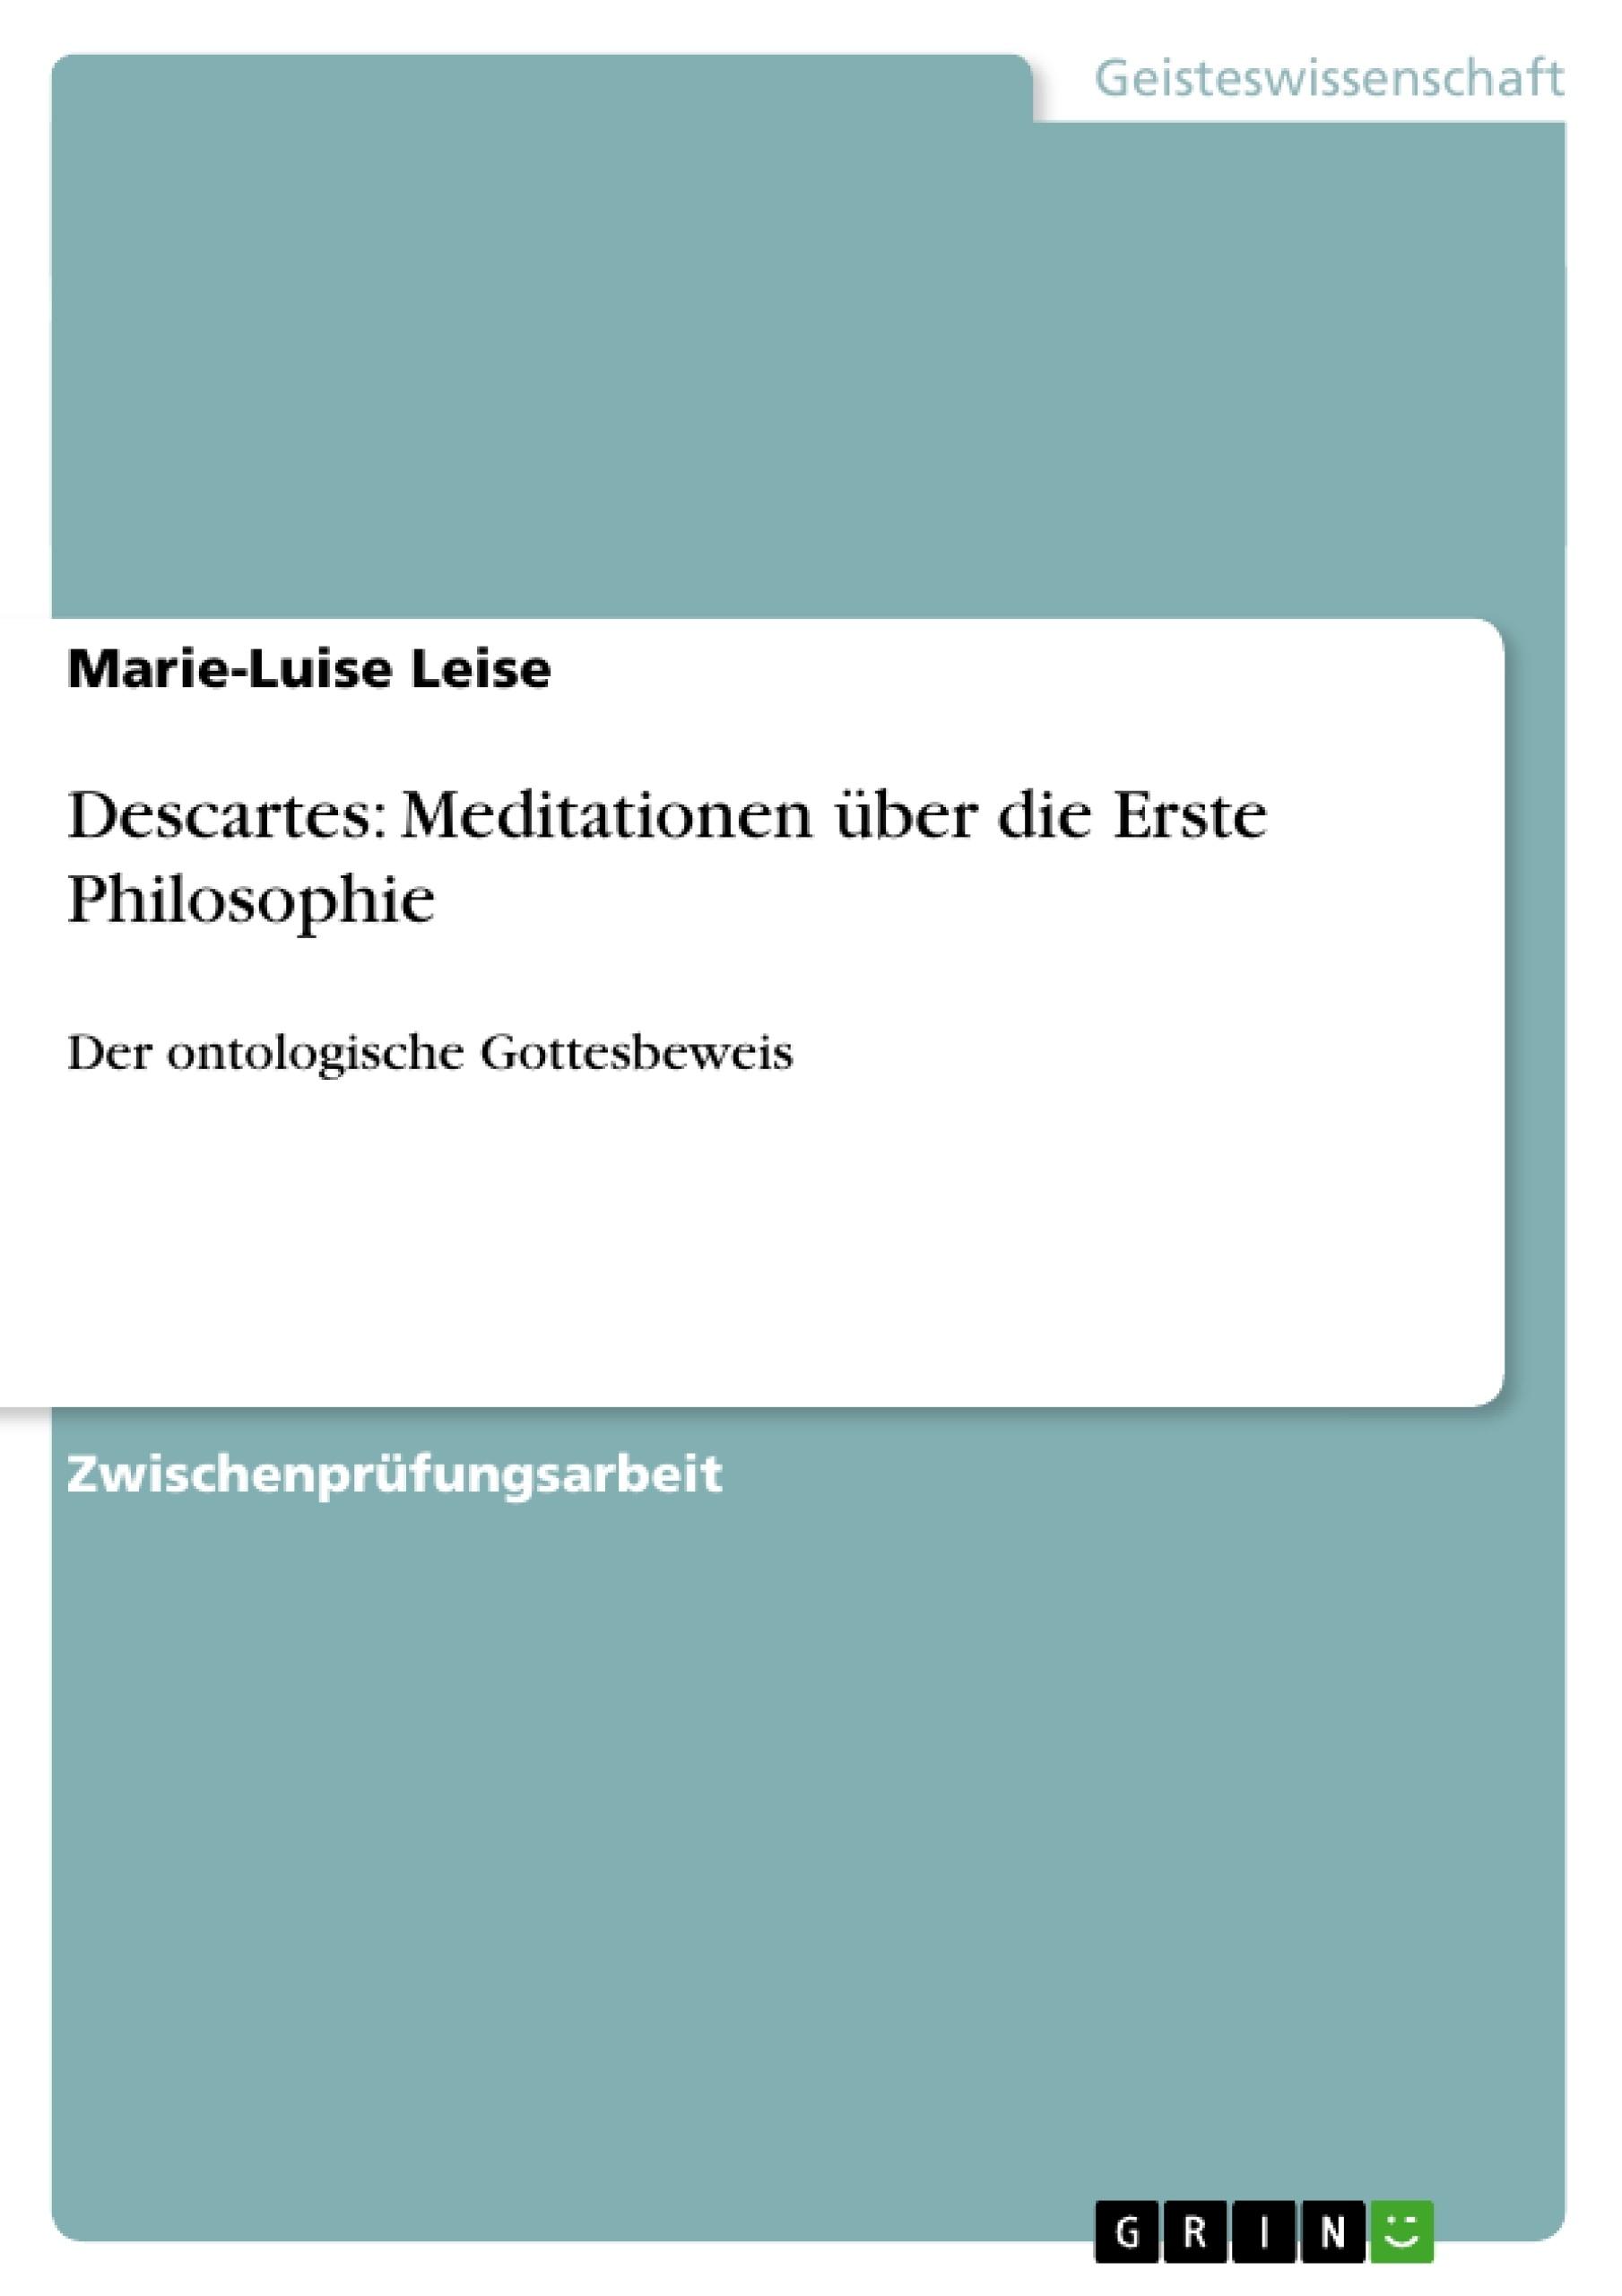 Titel: Descartes: Meditationen über die Erste Philosophie